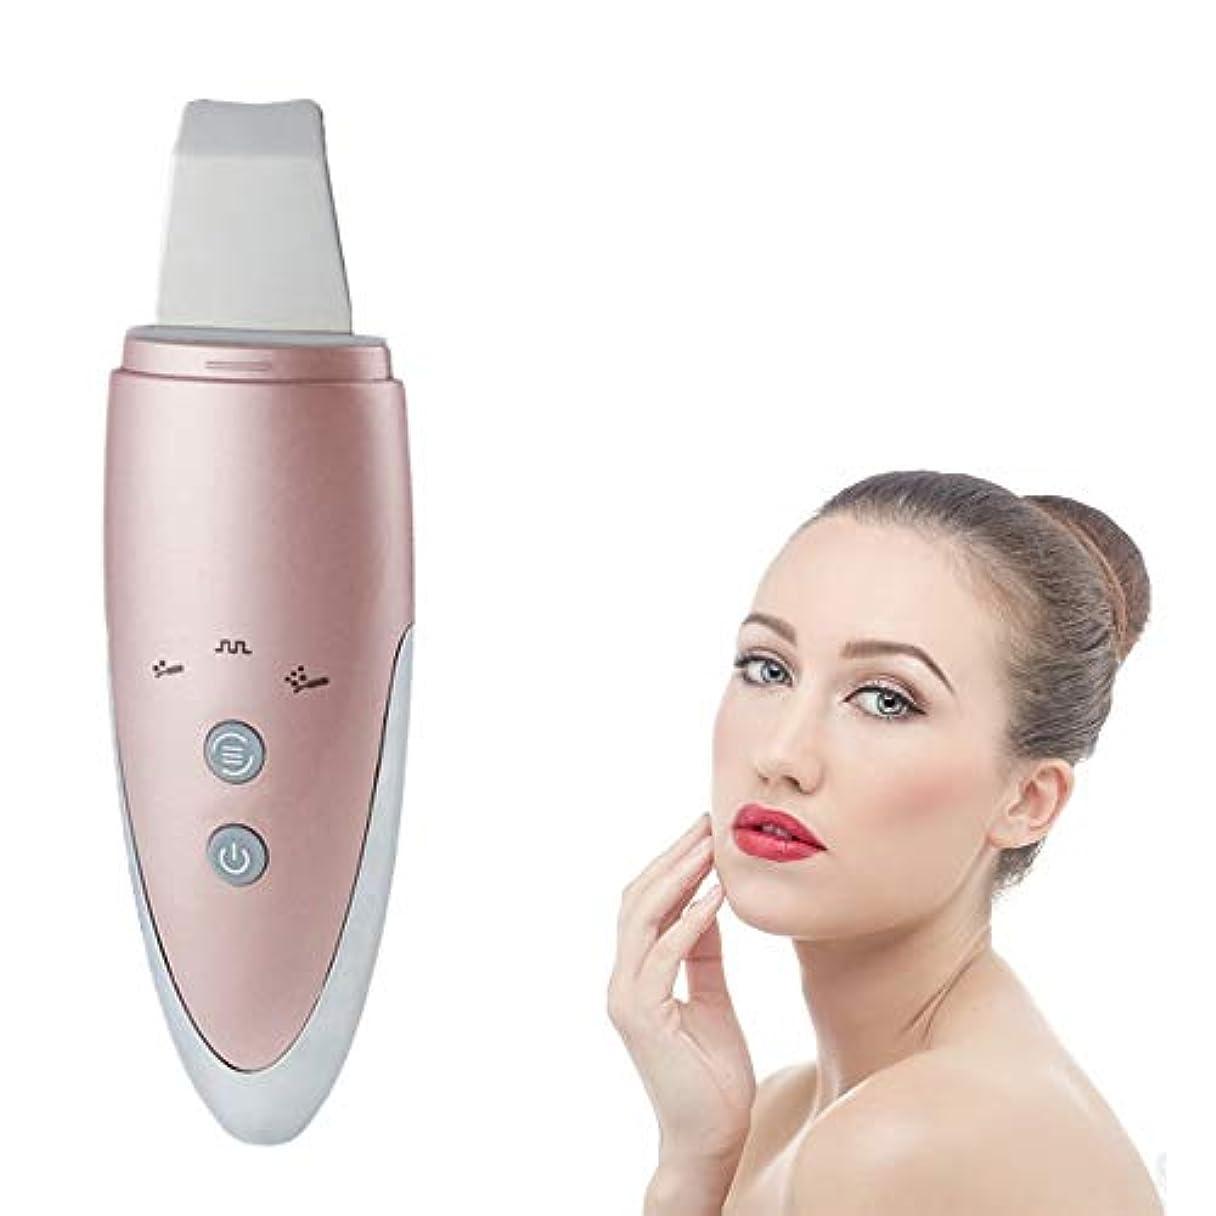 かび臭いだます技術的な顔の皮膚スクラバーエレクトリックフェイス超音波クリーナーブラックヘッドリムーバーイオンはクリーナーリンクルリムーバーUSB充電式スキンマッサージスクラバーEMSケアエクスフォリエーター?フェイシャルリフティングツールを毛穴